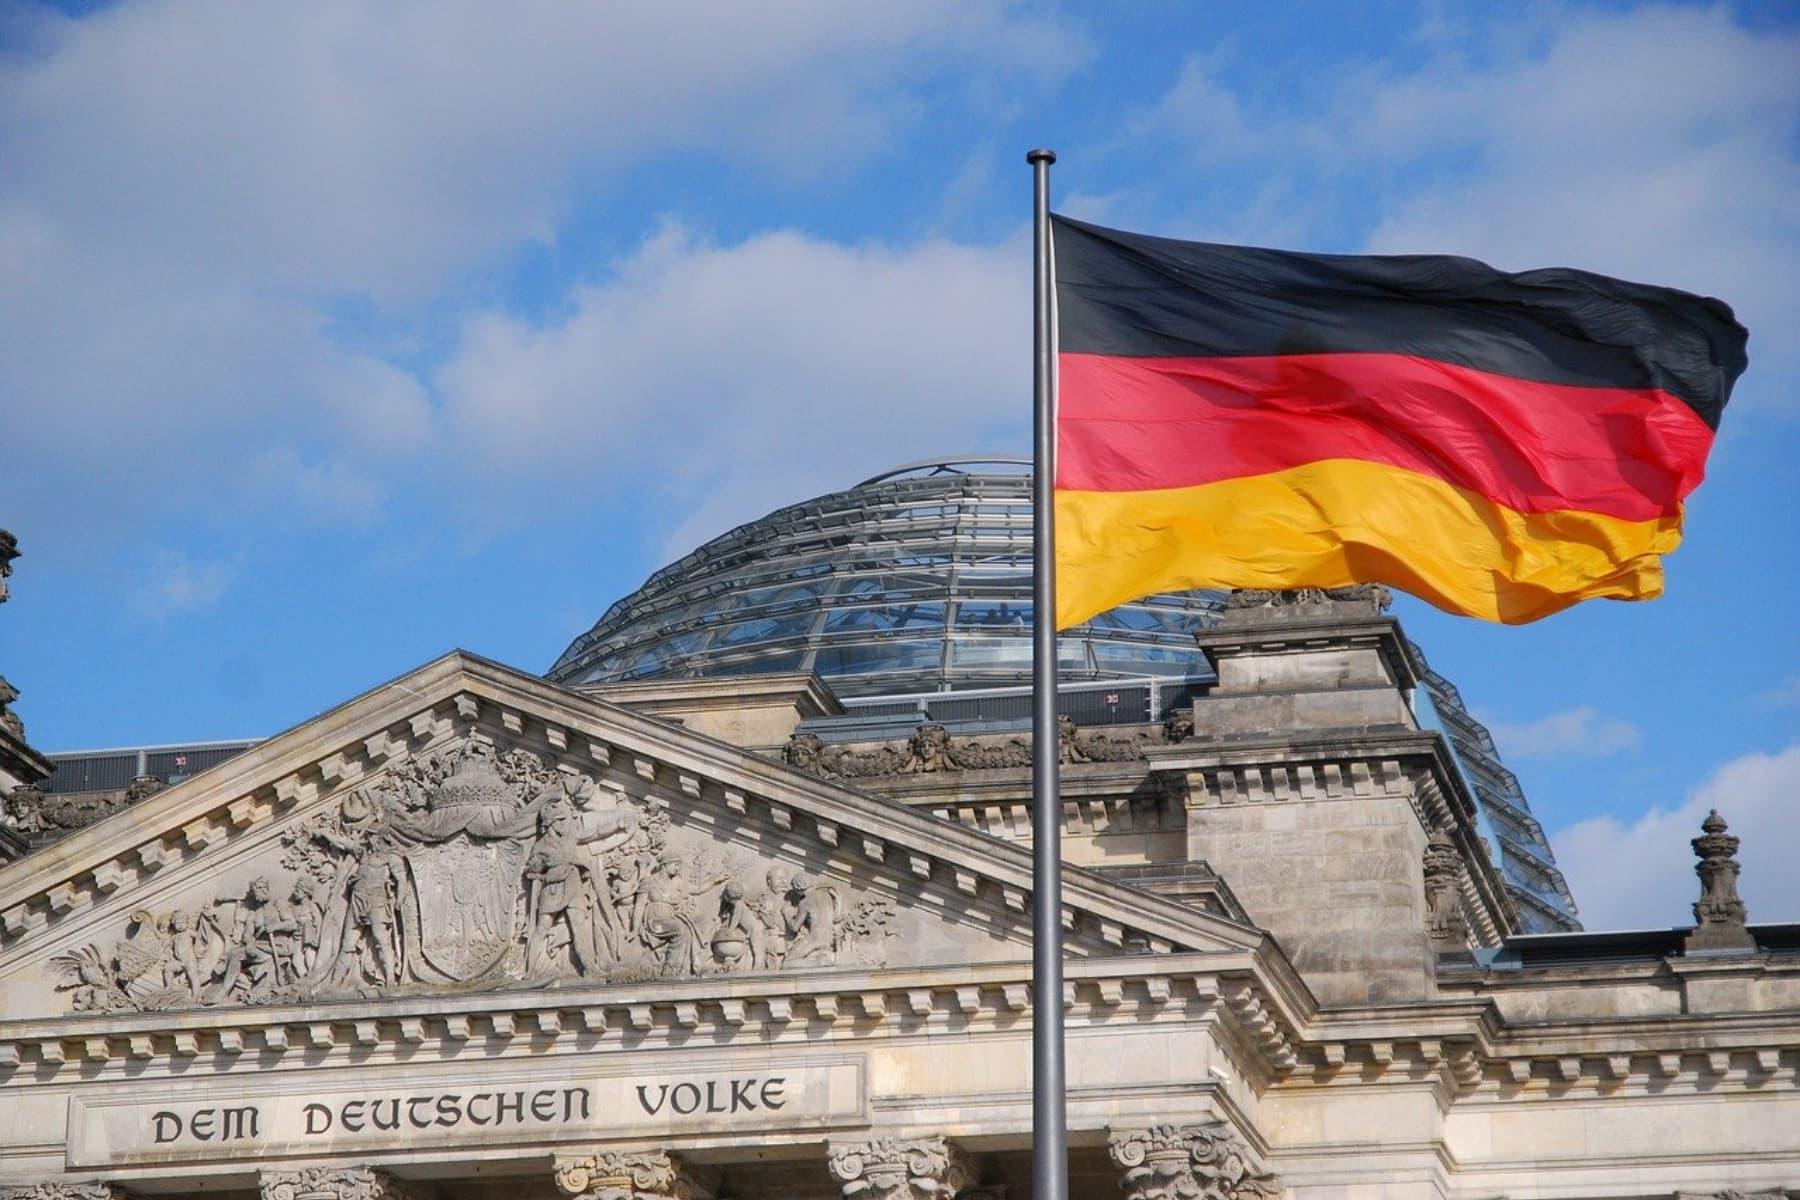 Sonntagsfrage: Grüne und CDU/CSU sind stärkste Konkurrenten, aber sprechen unterschiedliche Milieus an